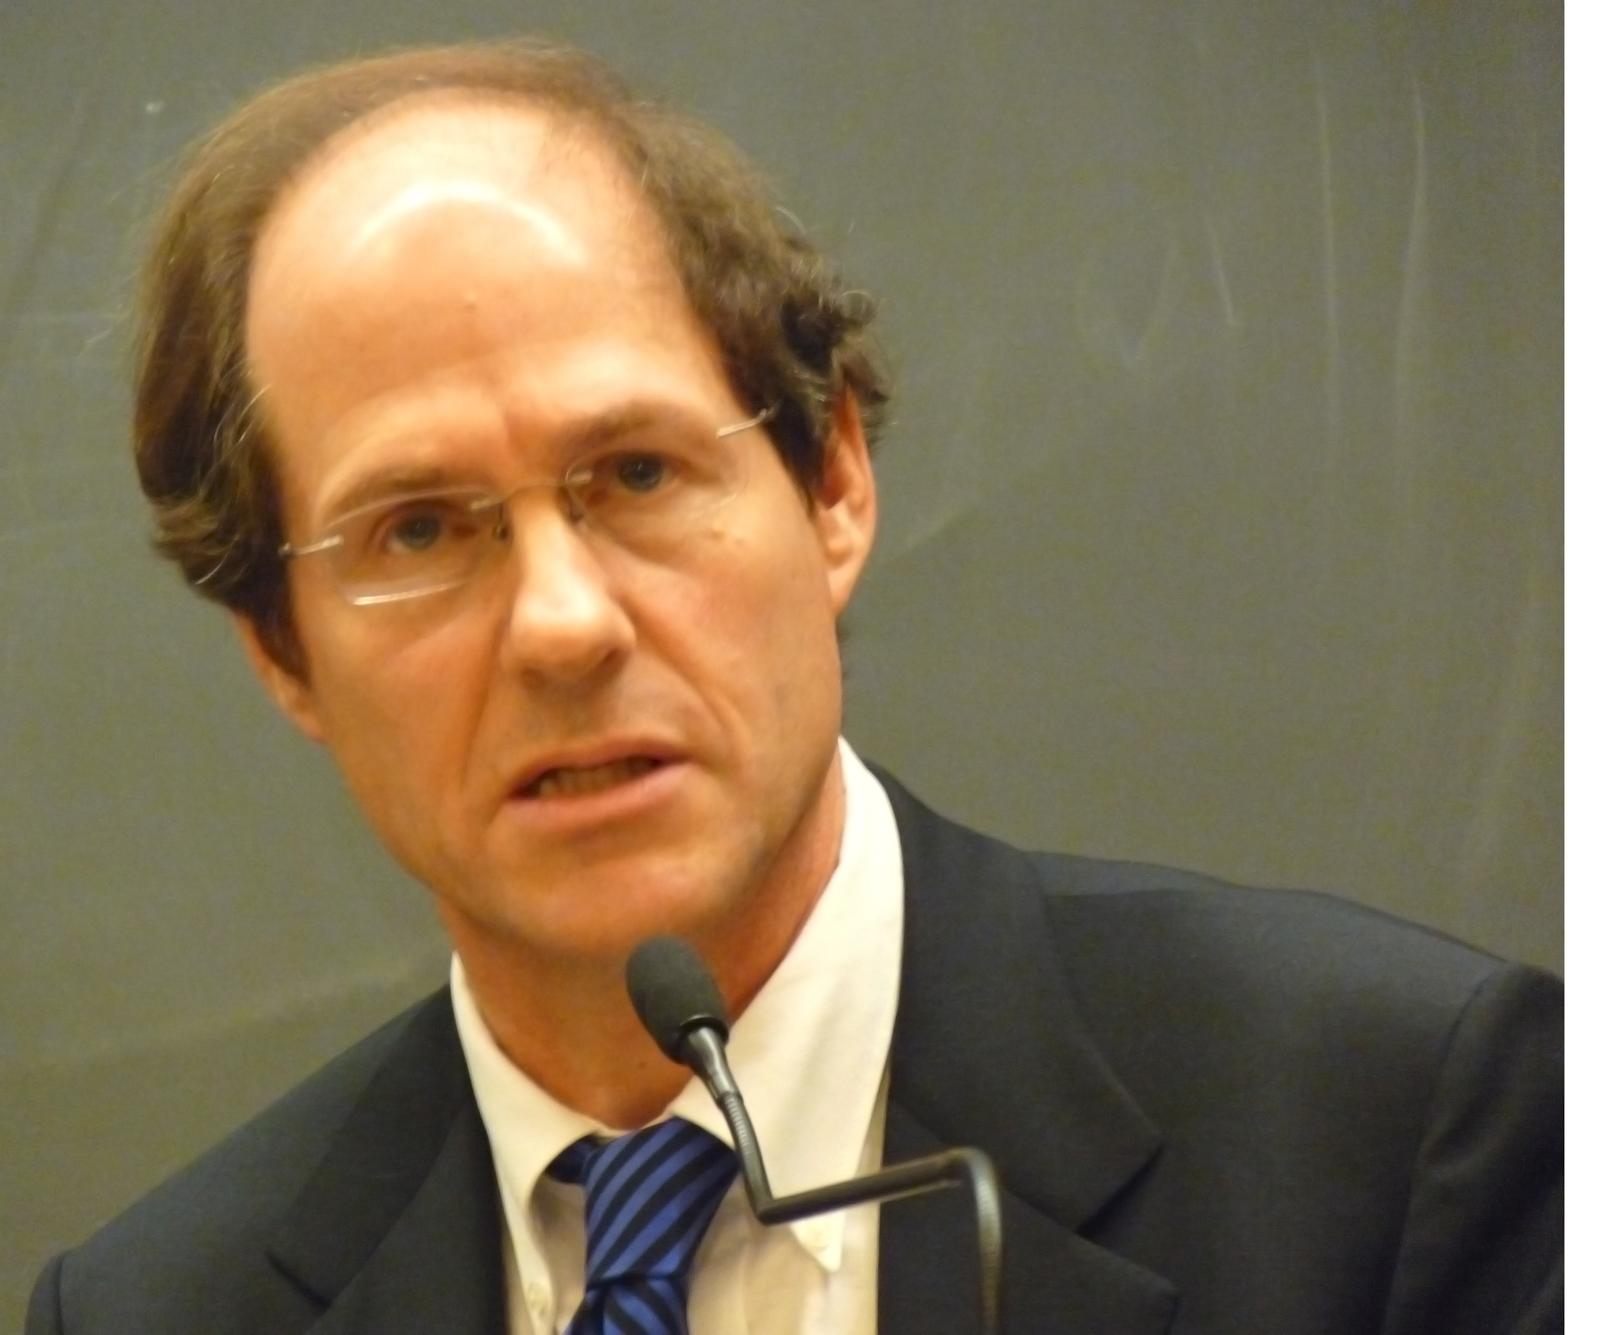 Cass Sunstein's quote